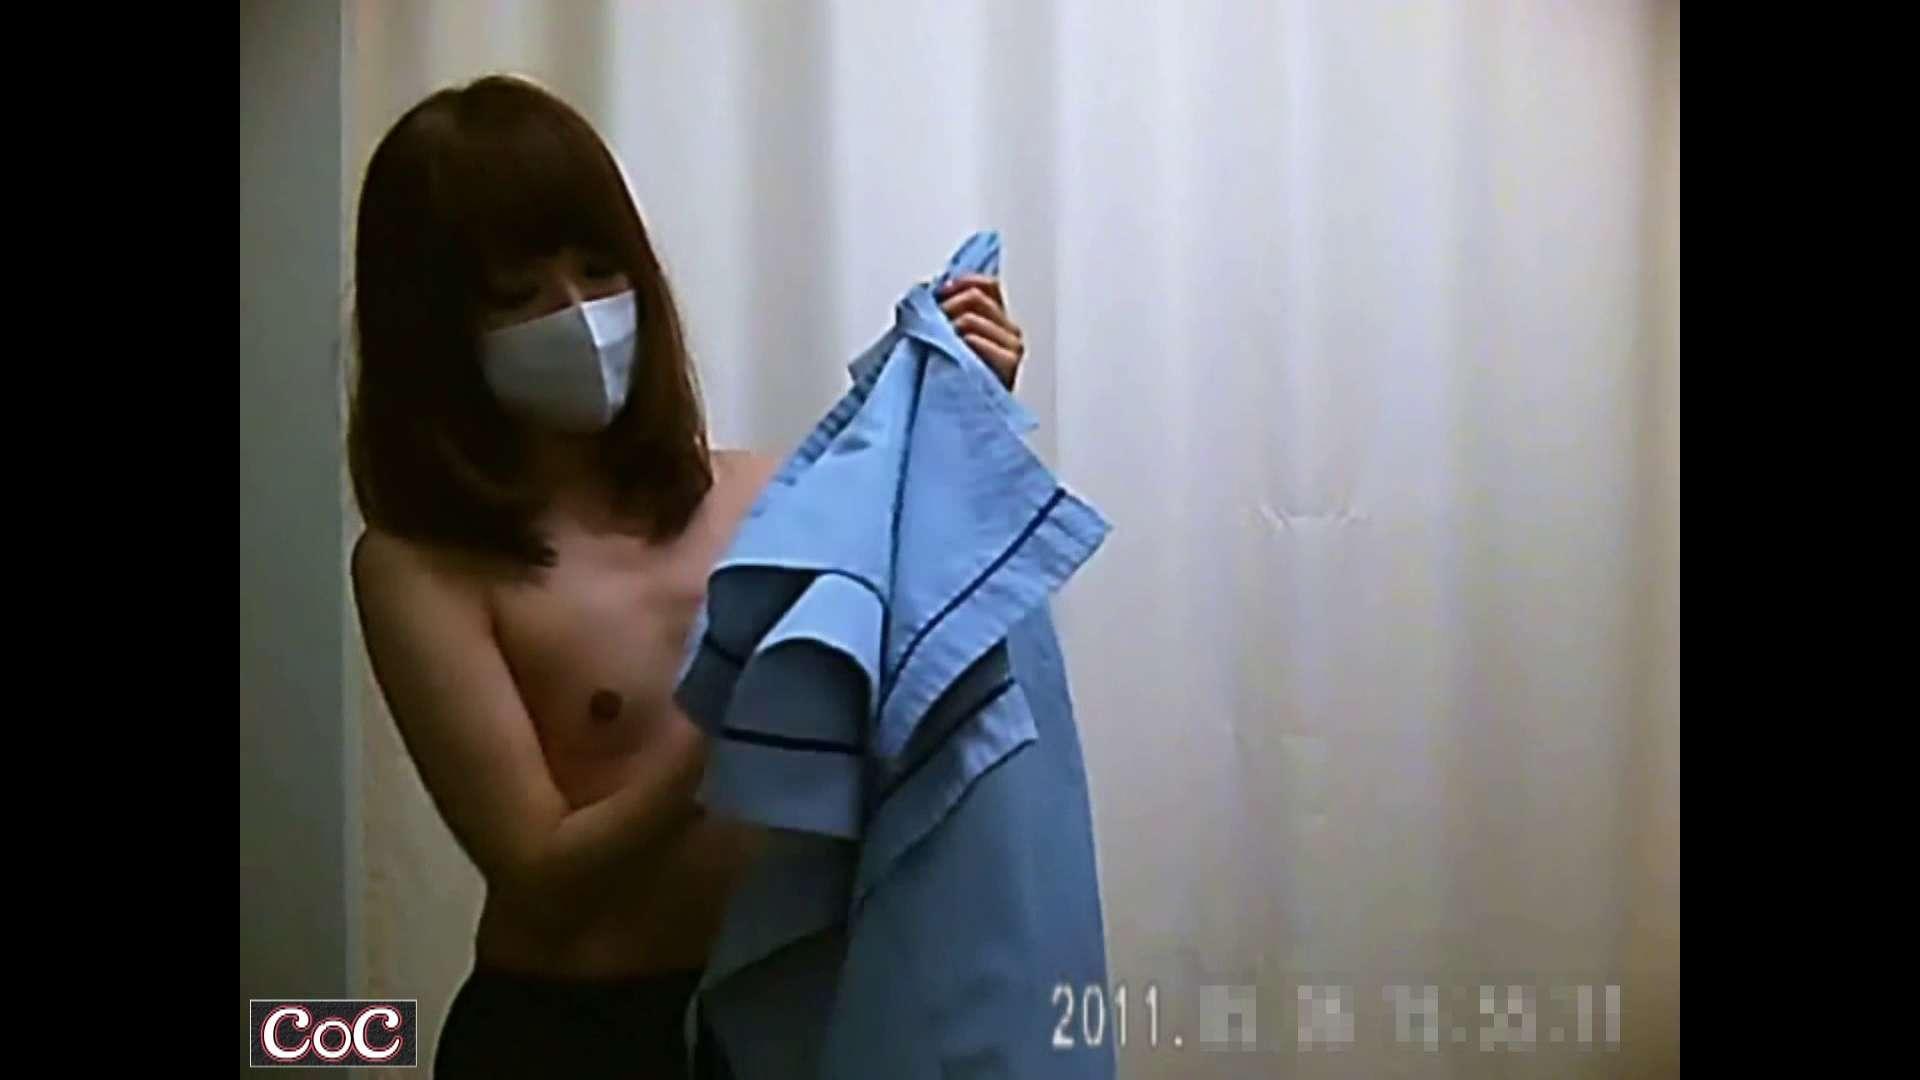 元医者による反抗 更衣室地獄絵巻 vol.152 OLハメ撮り  31Pix 27